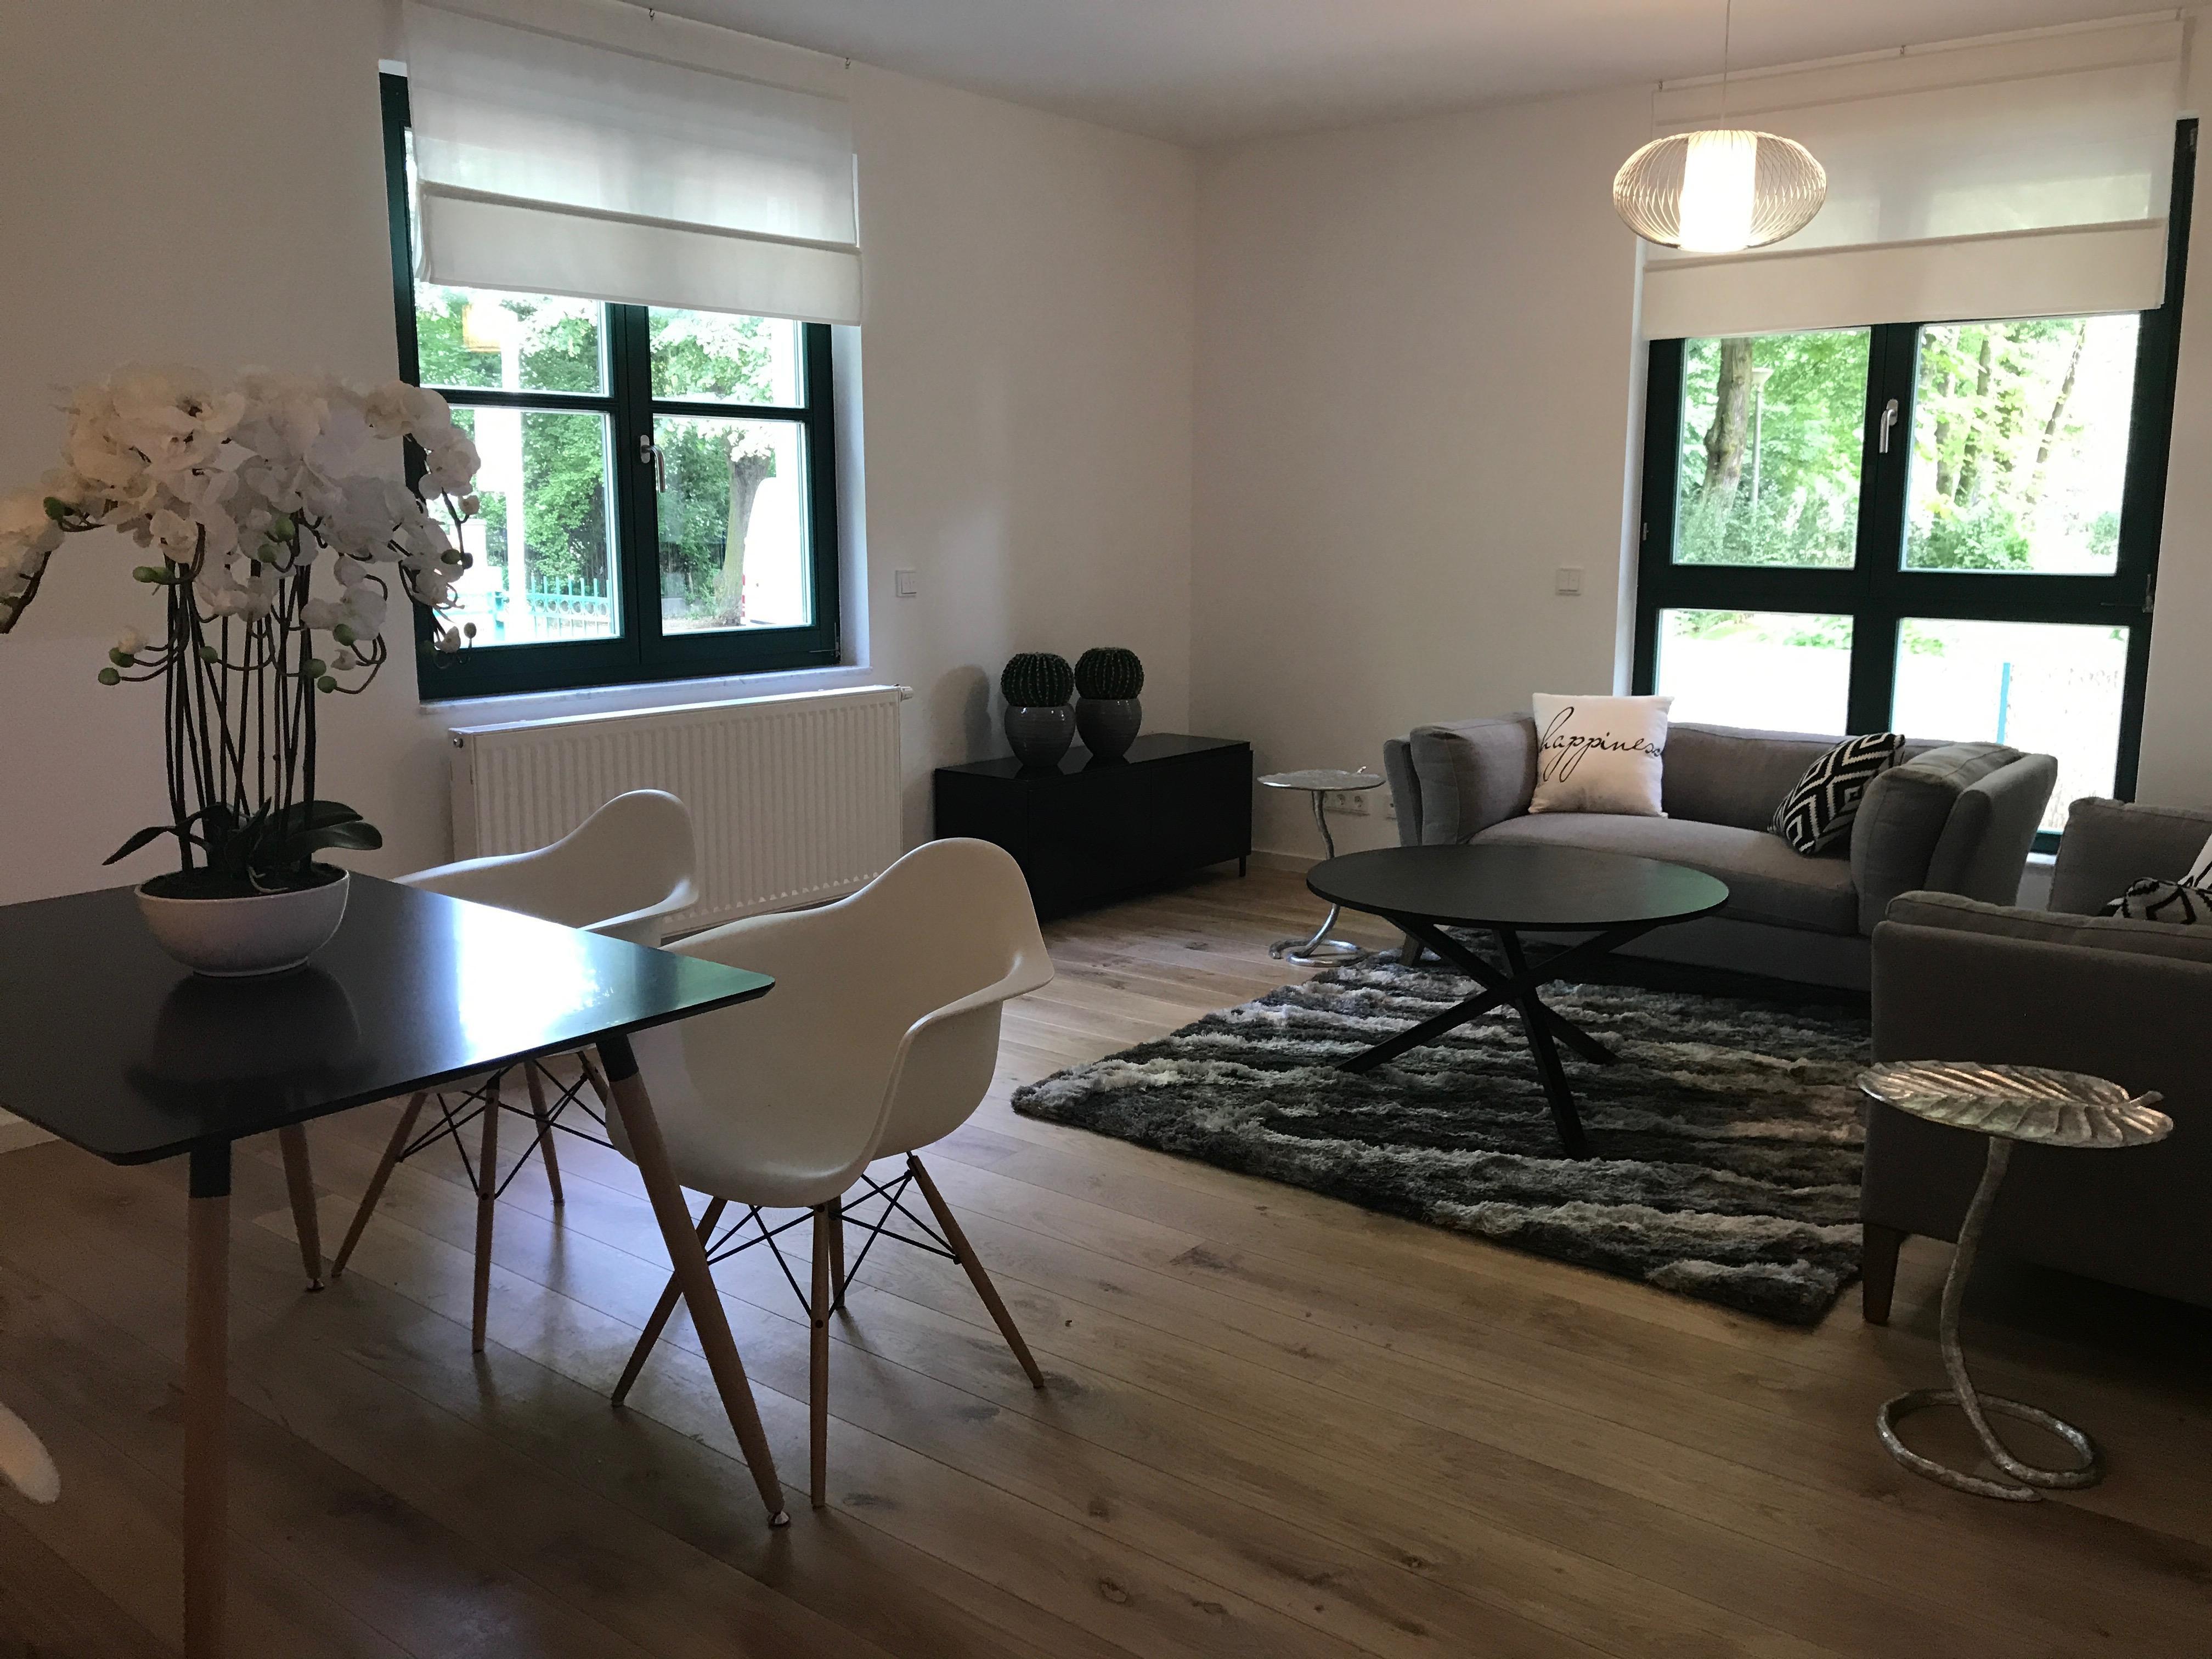 Wohnbereich mit Essecke #wohnzimmer #essecke ©Miracl u2022 COUCHstyle - essecke wohnzimmer